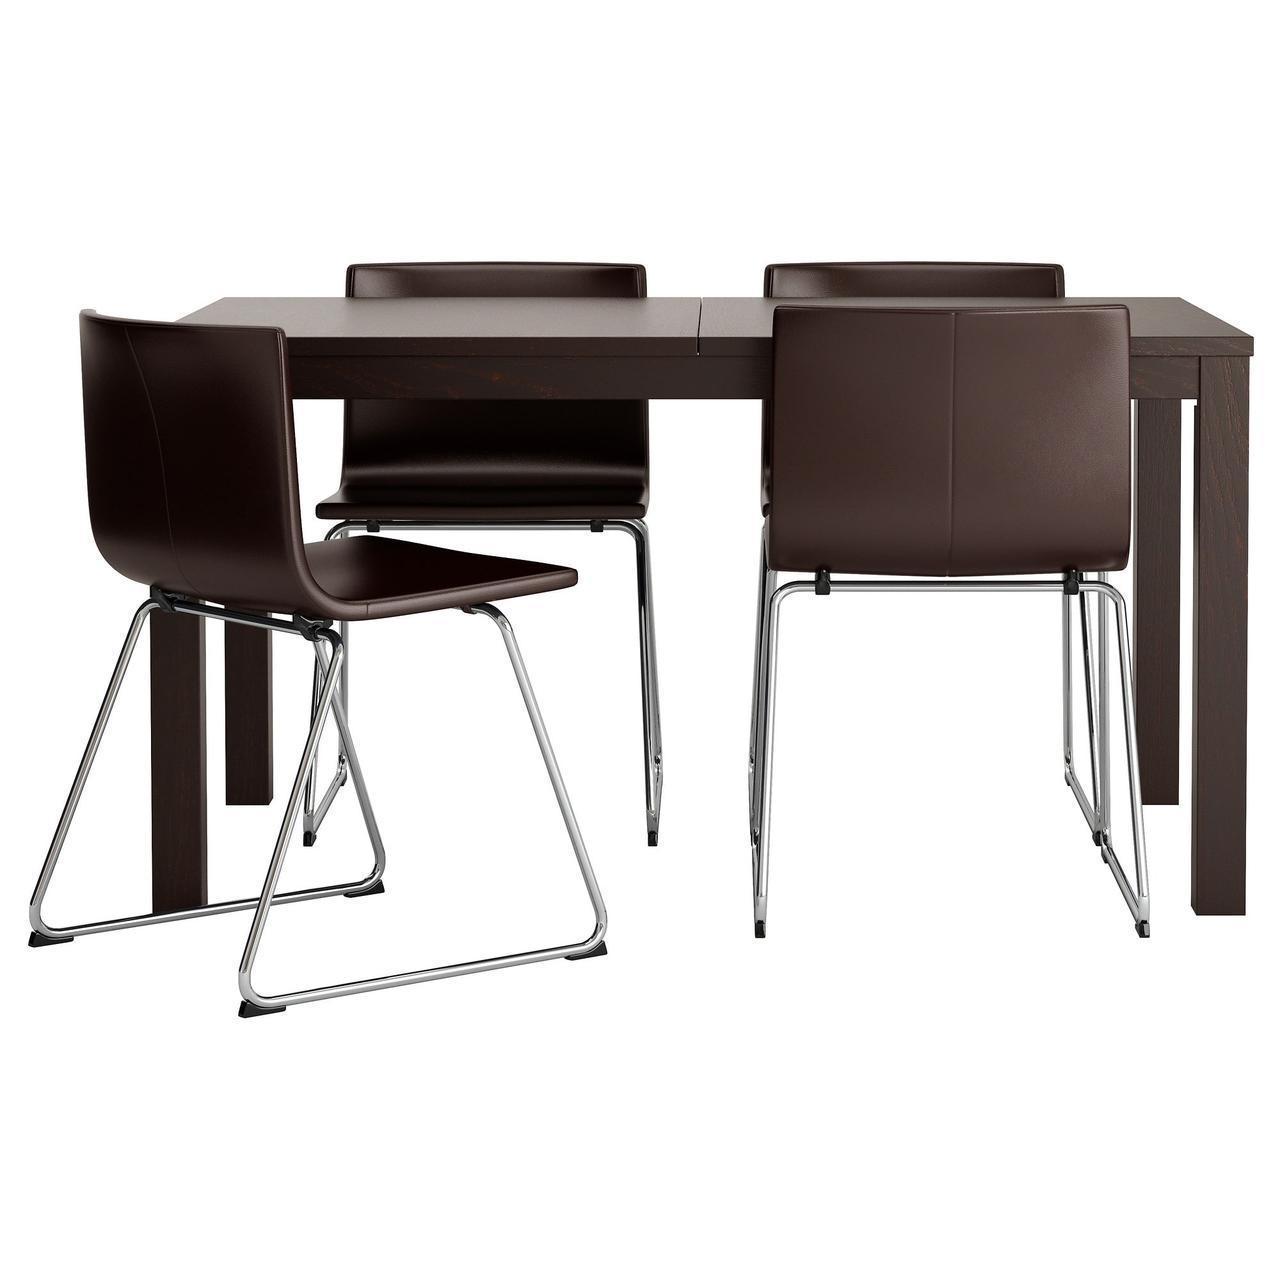 Комплект для кухни (стол и 4 стула) IKEA BJURSTA / BERNHARD 140 см коричневый 298.855.56